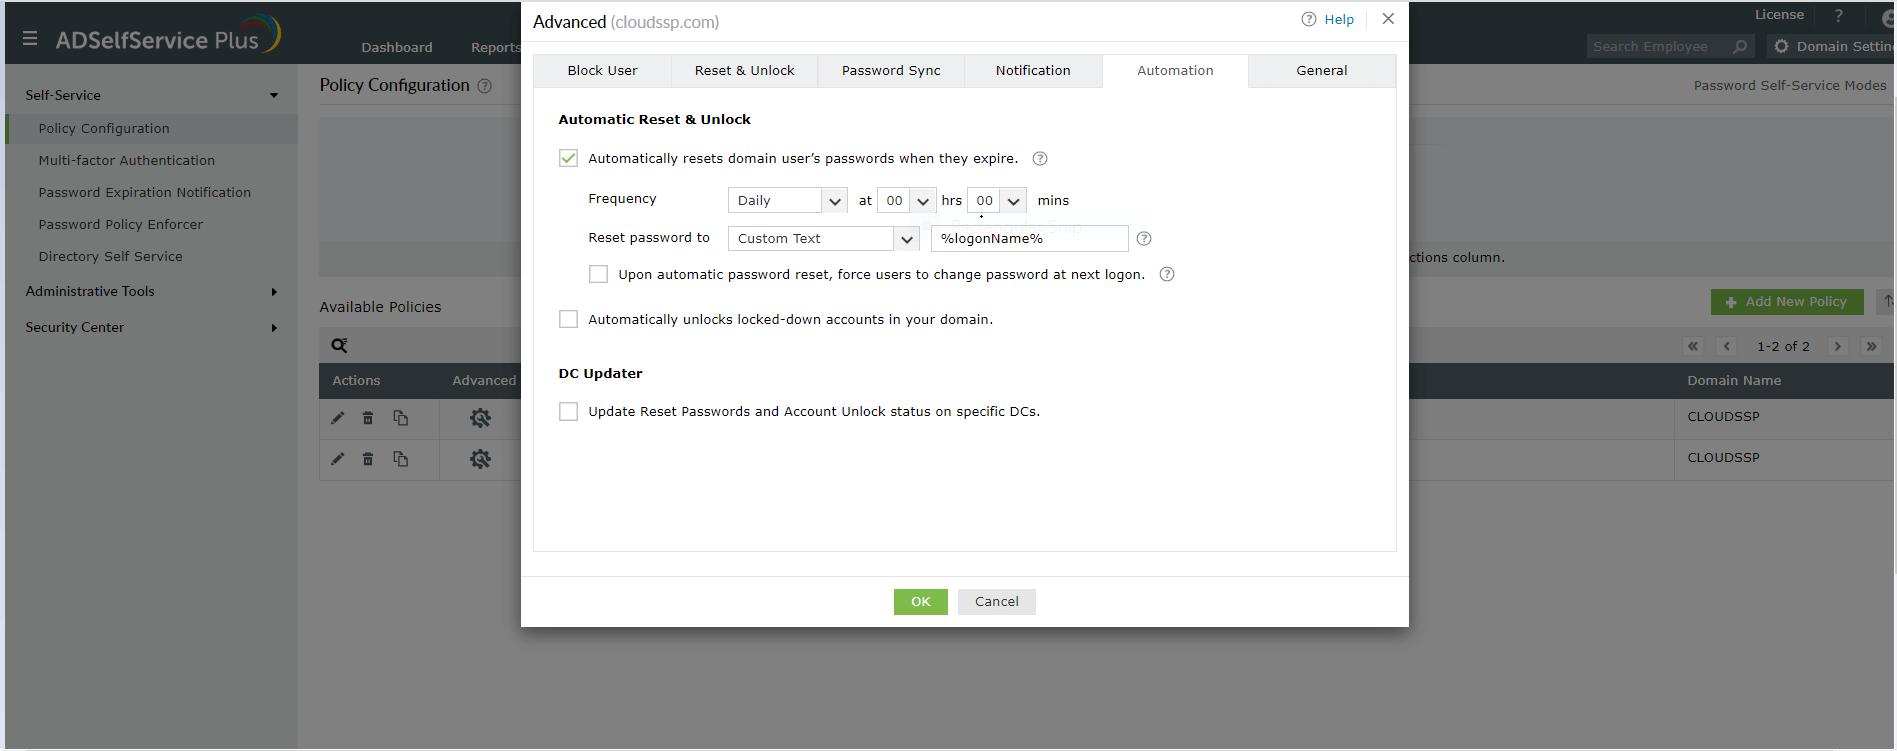 Automatic Password Reset